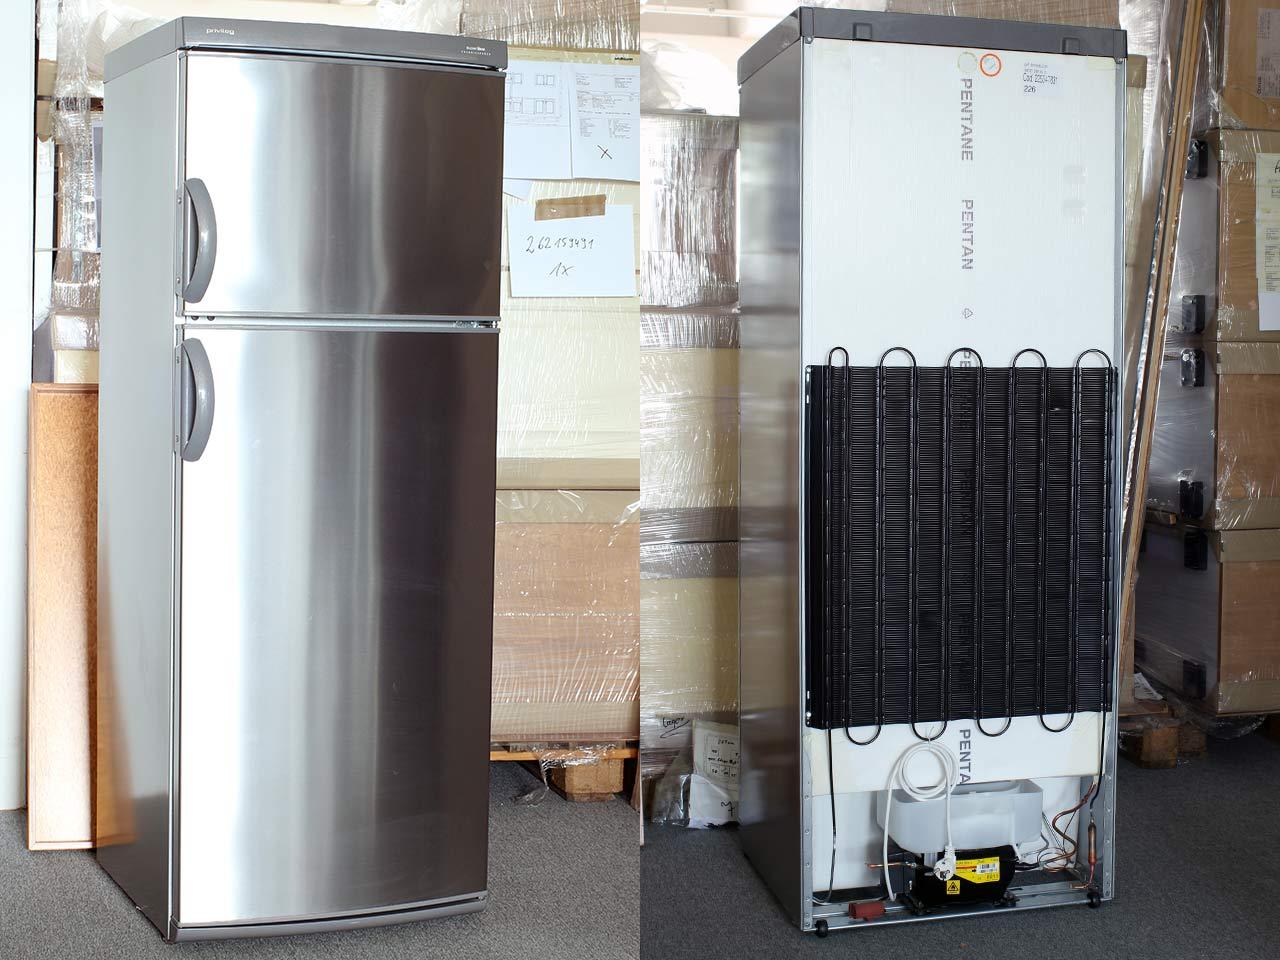 Privileg Kühlschrank Öko | Home Design Ideen